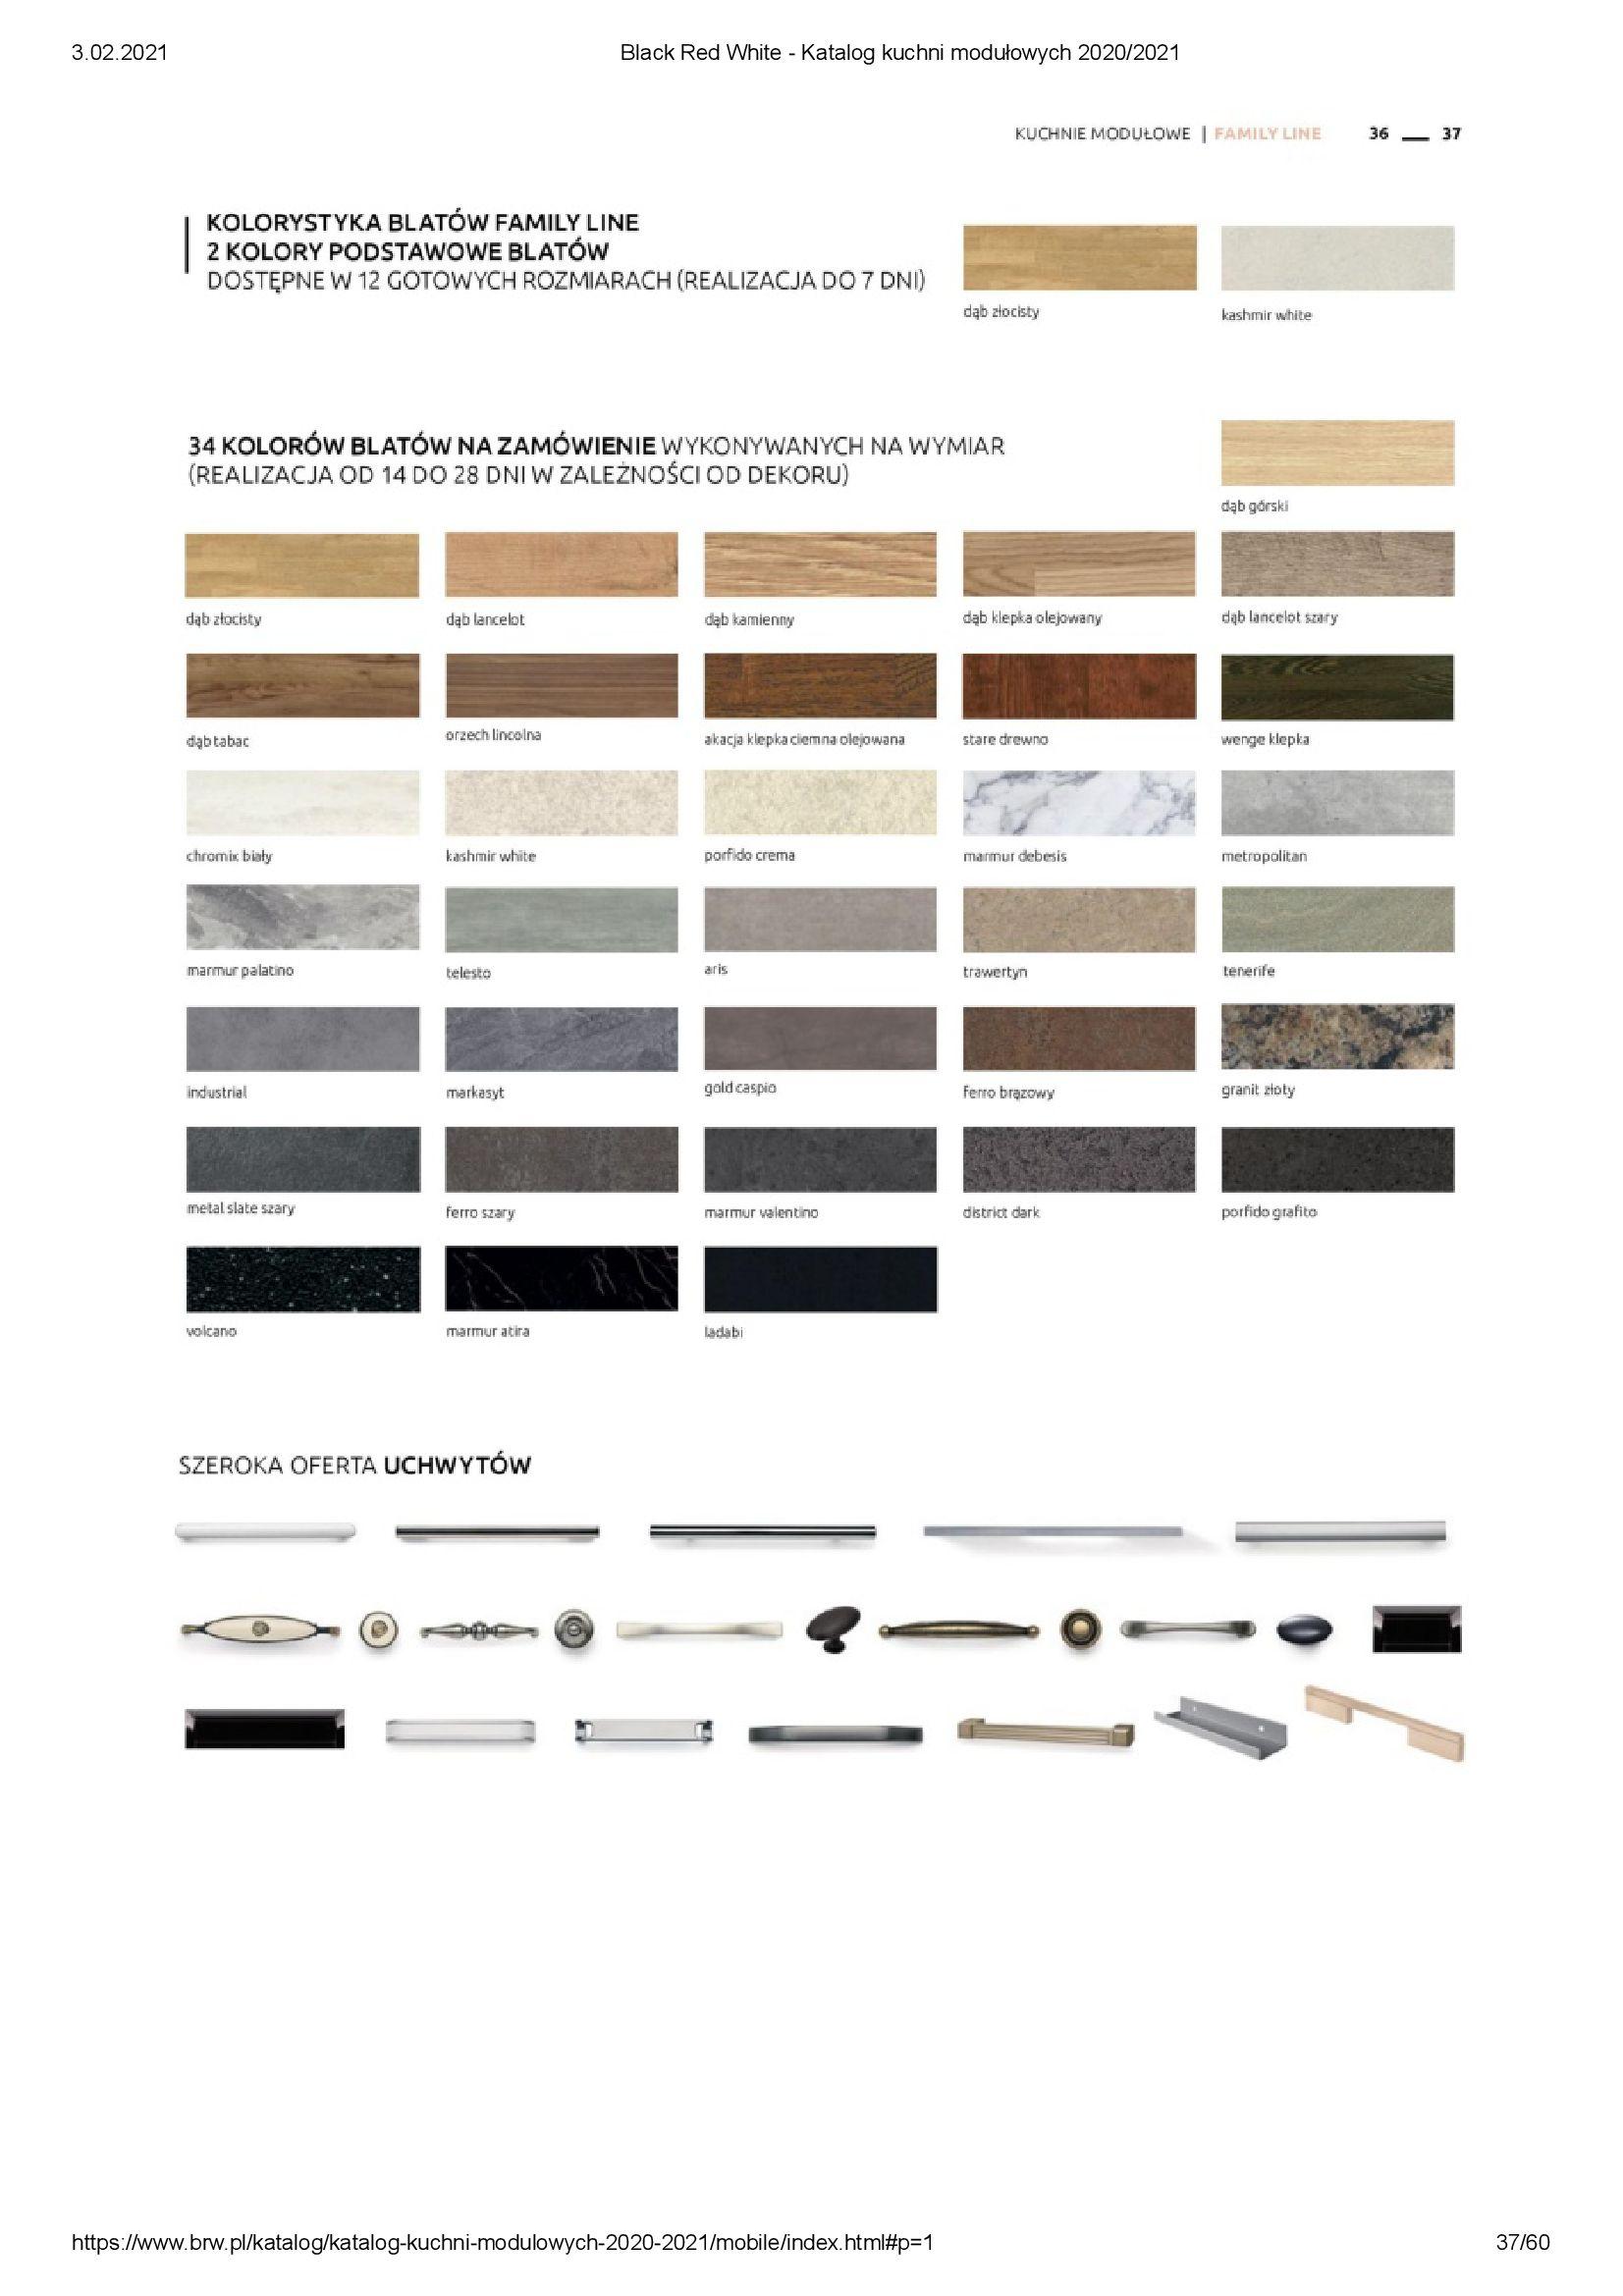 Gazetka Black Red White: Katalog - Kuchnie modułowe 2020/2021 2021-01-01 page-37